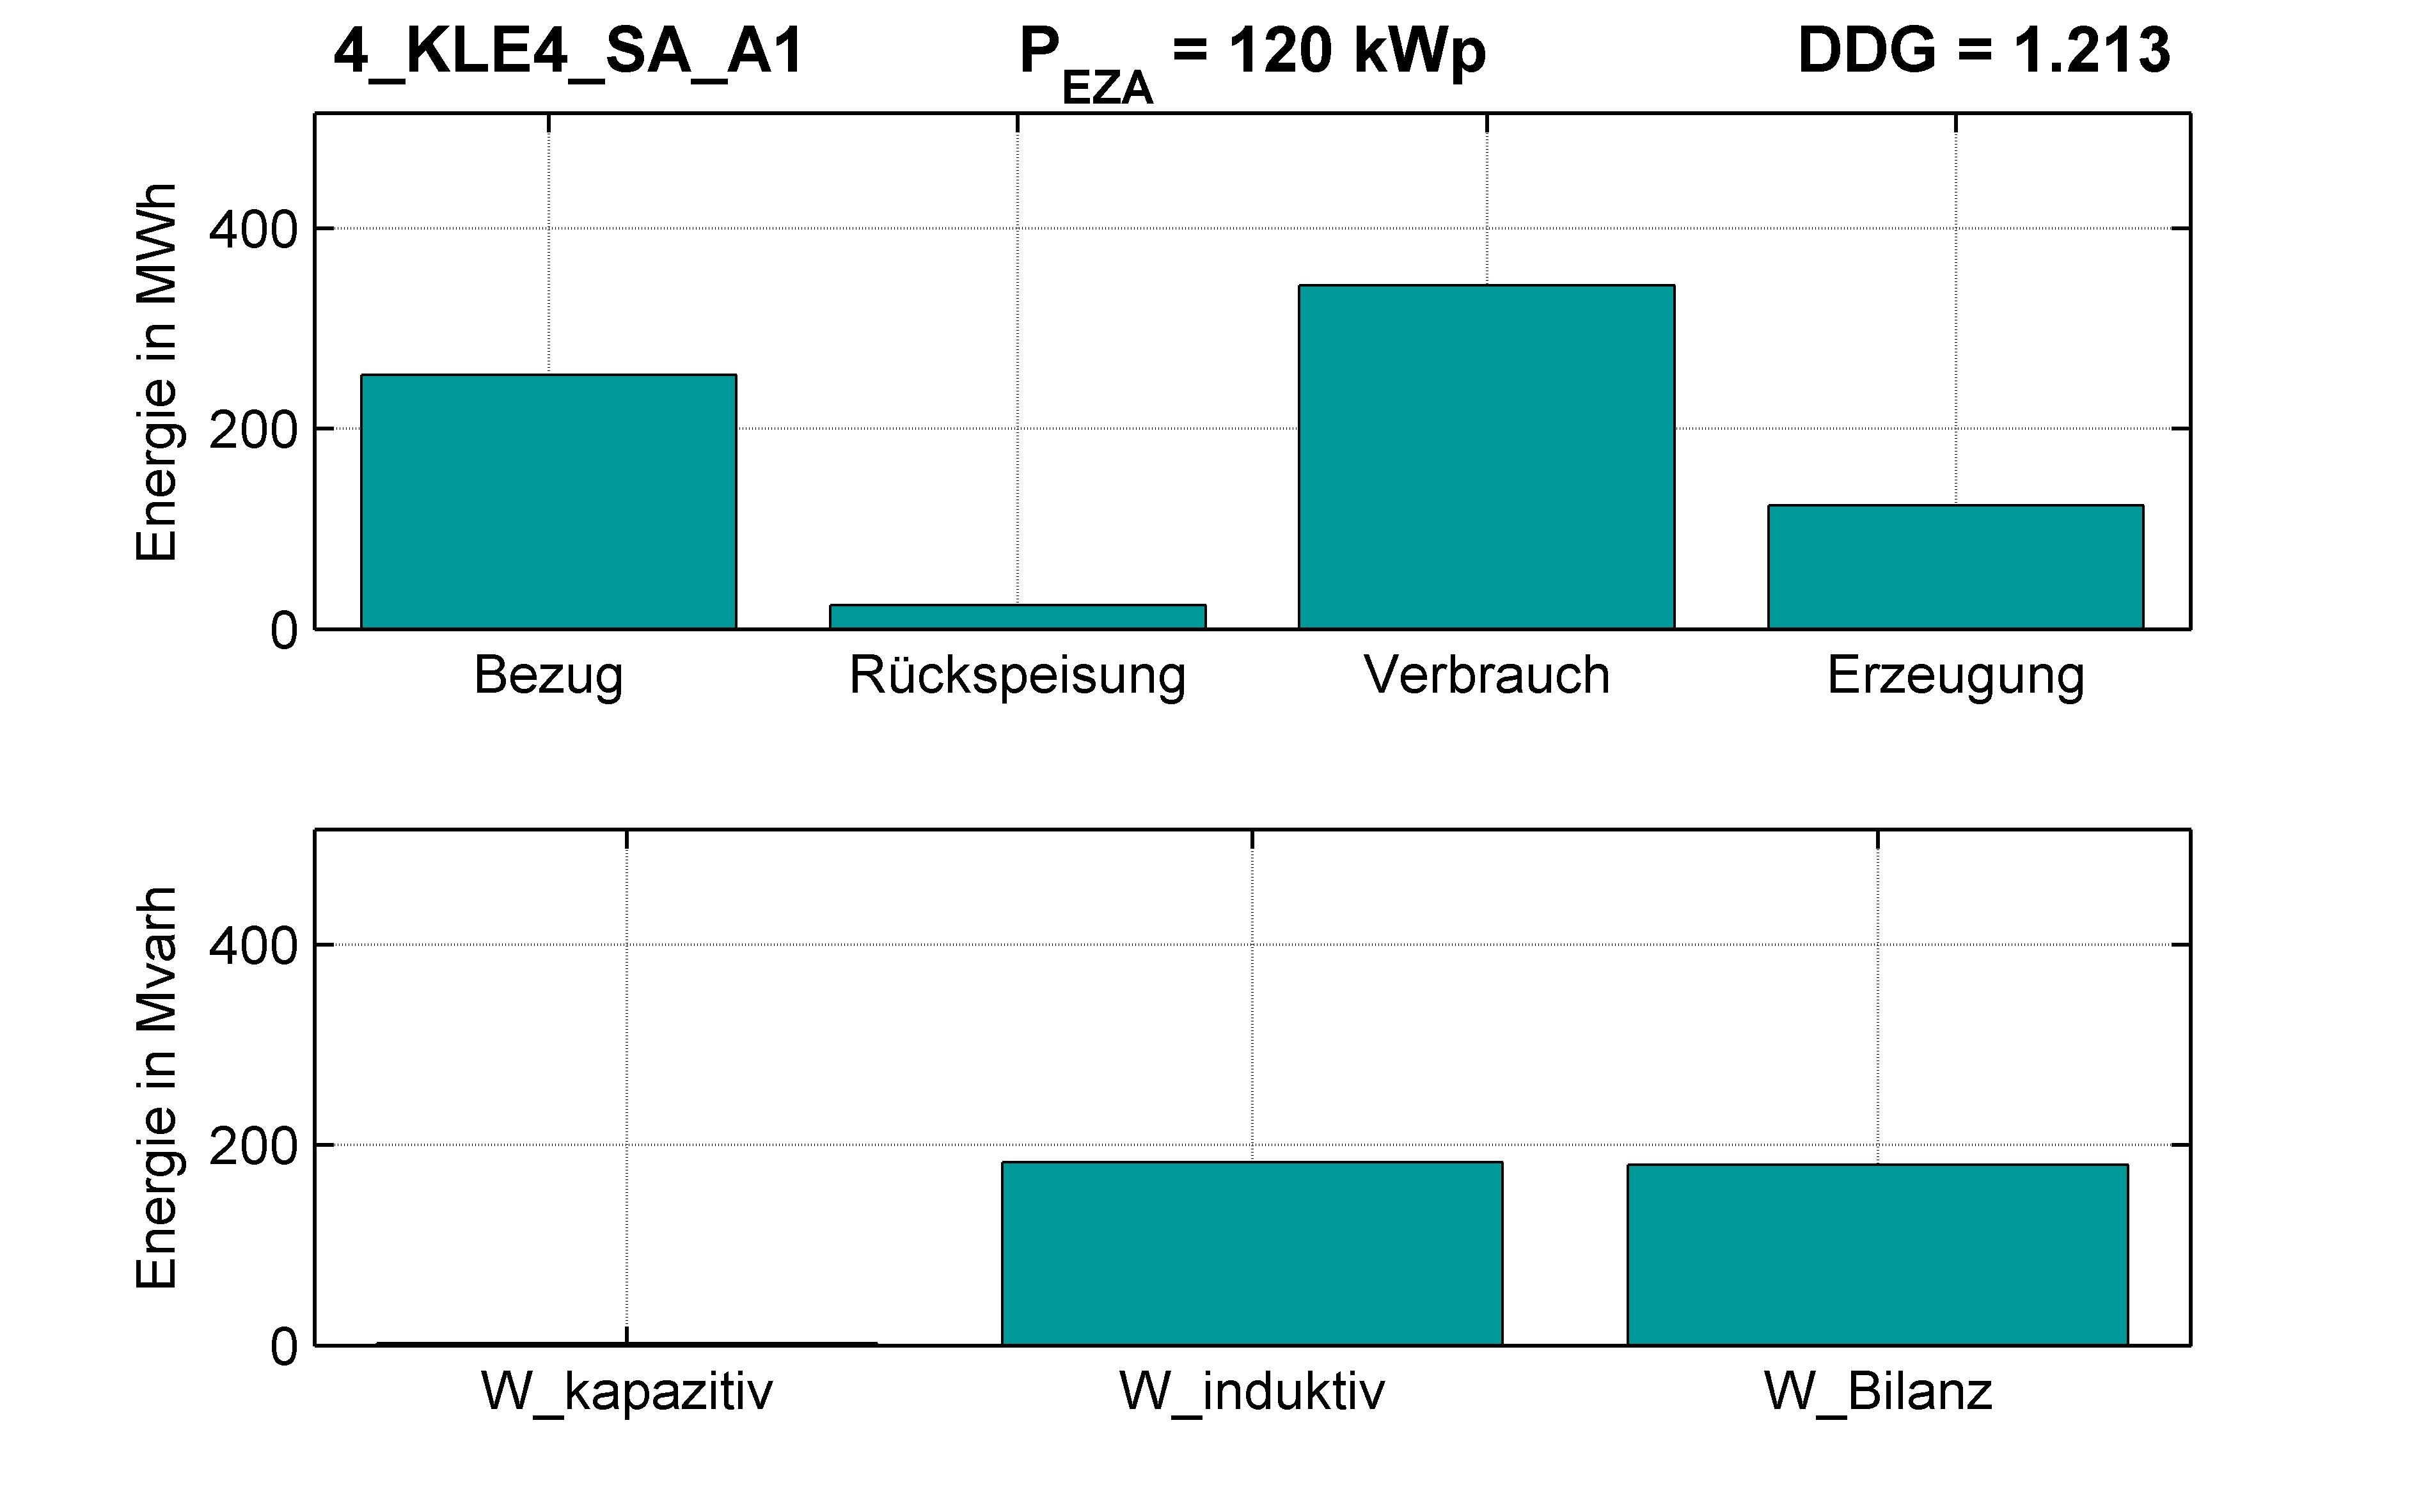 KLE4 | P-Kappung 55% (SA) A1 | PQ-Bilanz